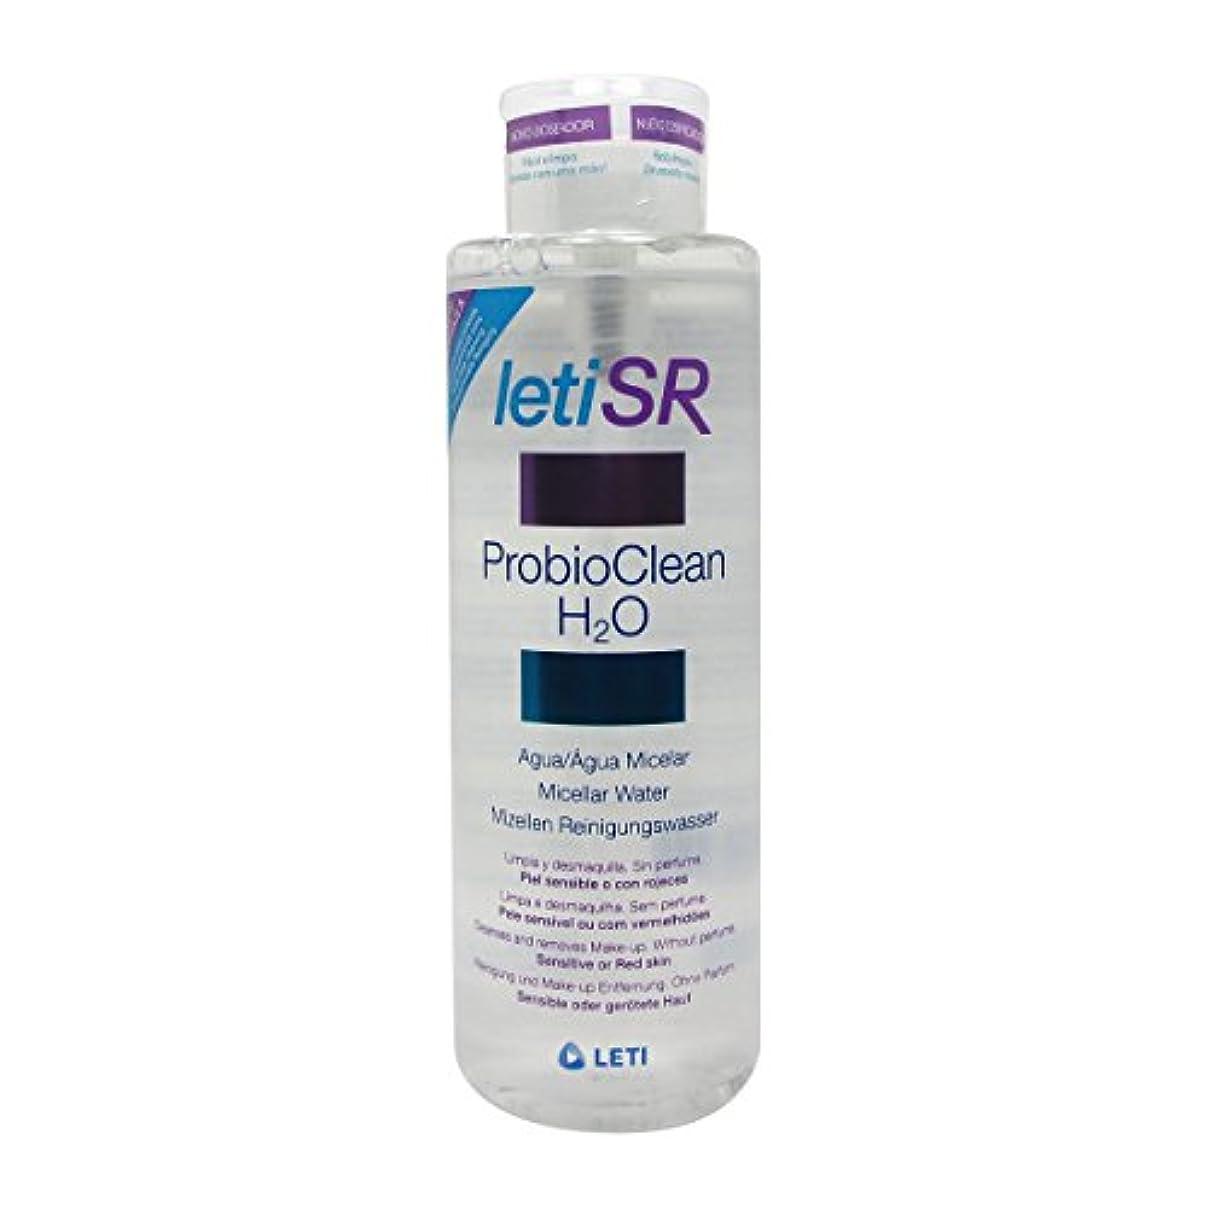 煩わしい誘発する瀬戸際Leti Sr Probioclean H2o Micellar Water 500ml [並行輸入品]